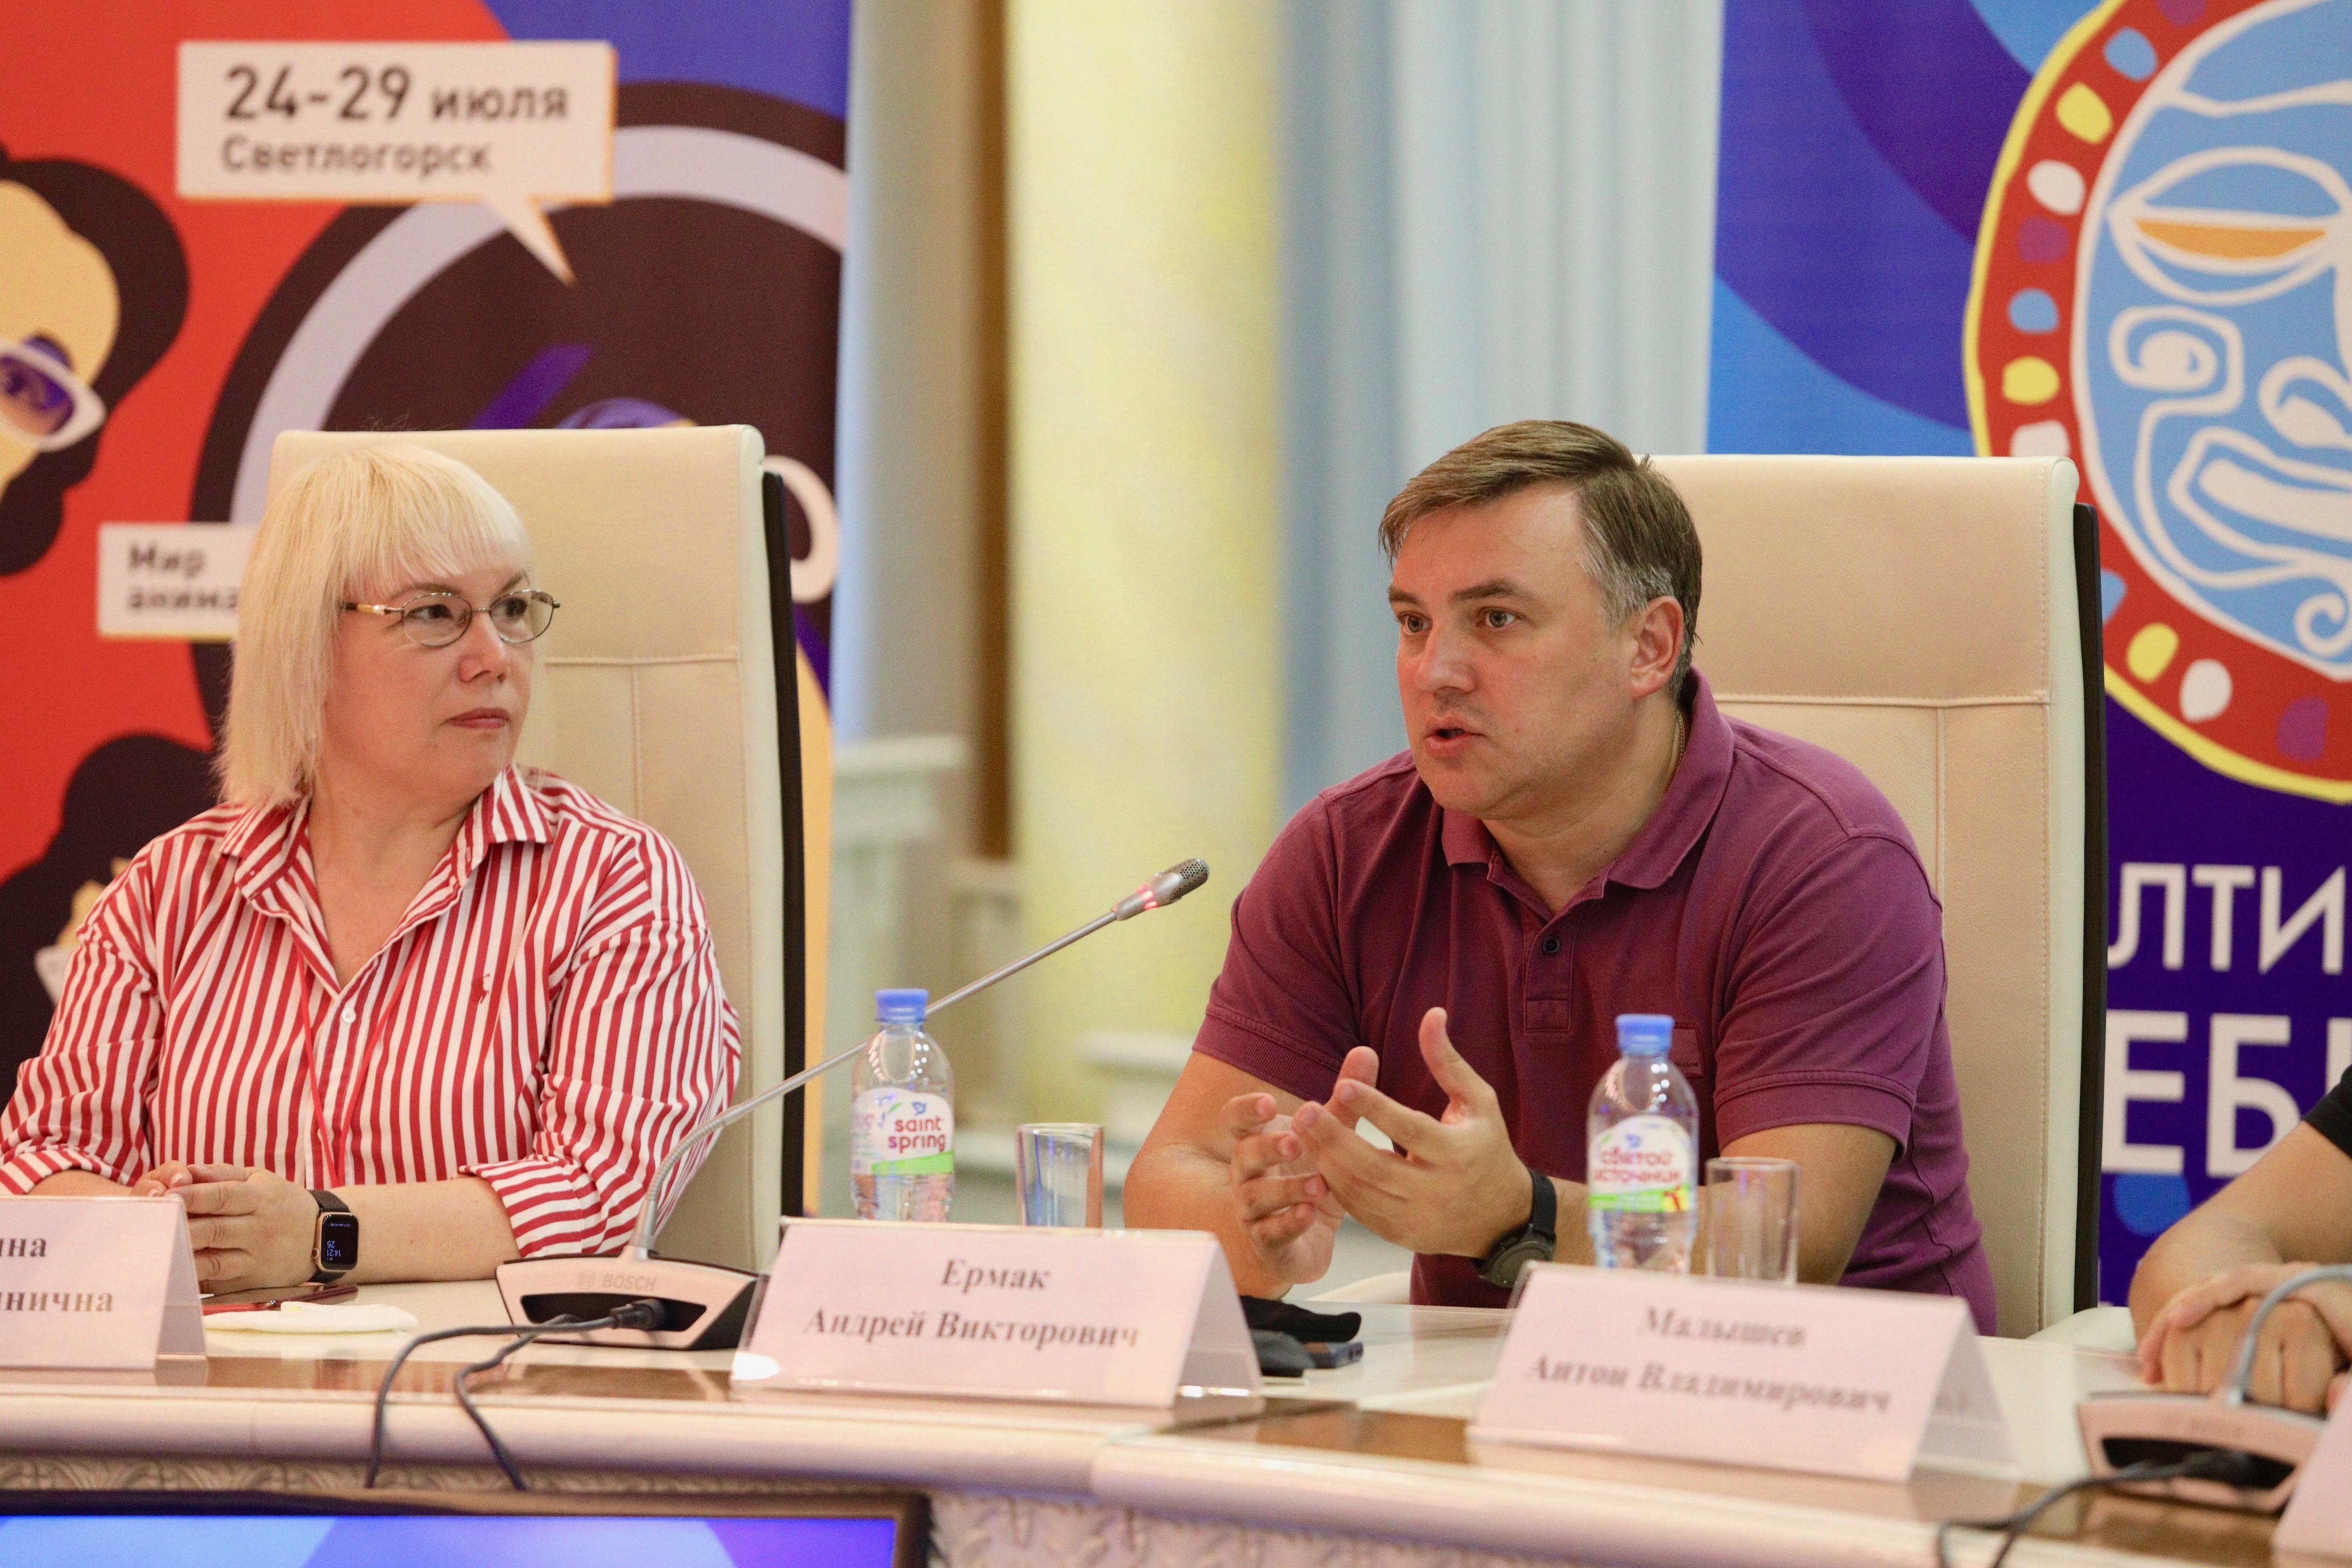 Круглый стол: «Место Балтики в системе российского кинематографа — опыт, достижения, планы»